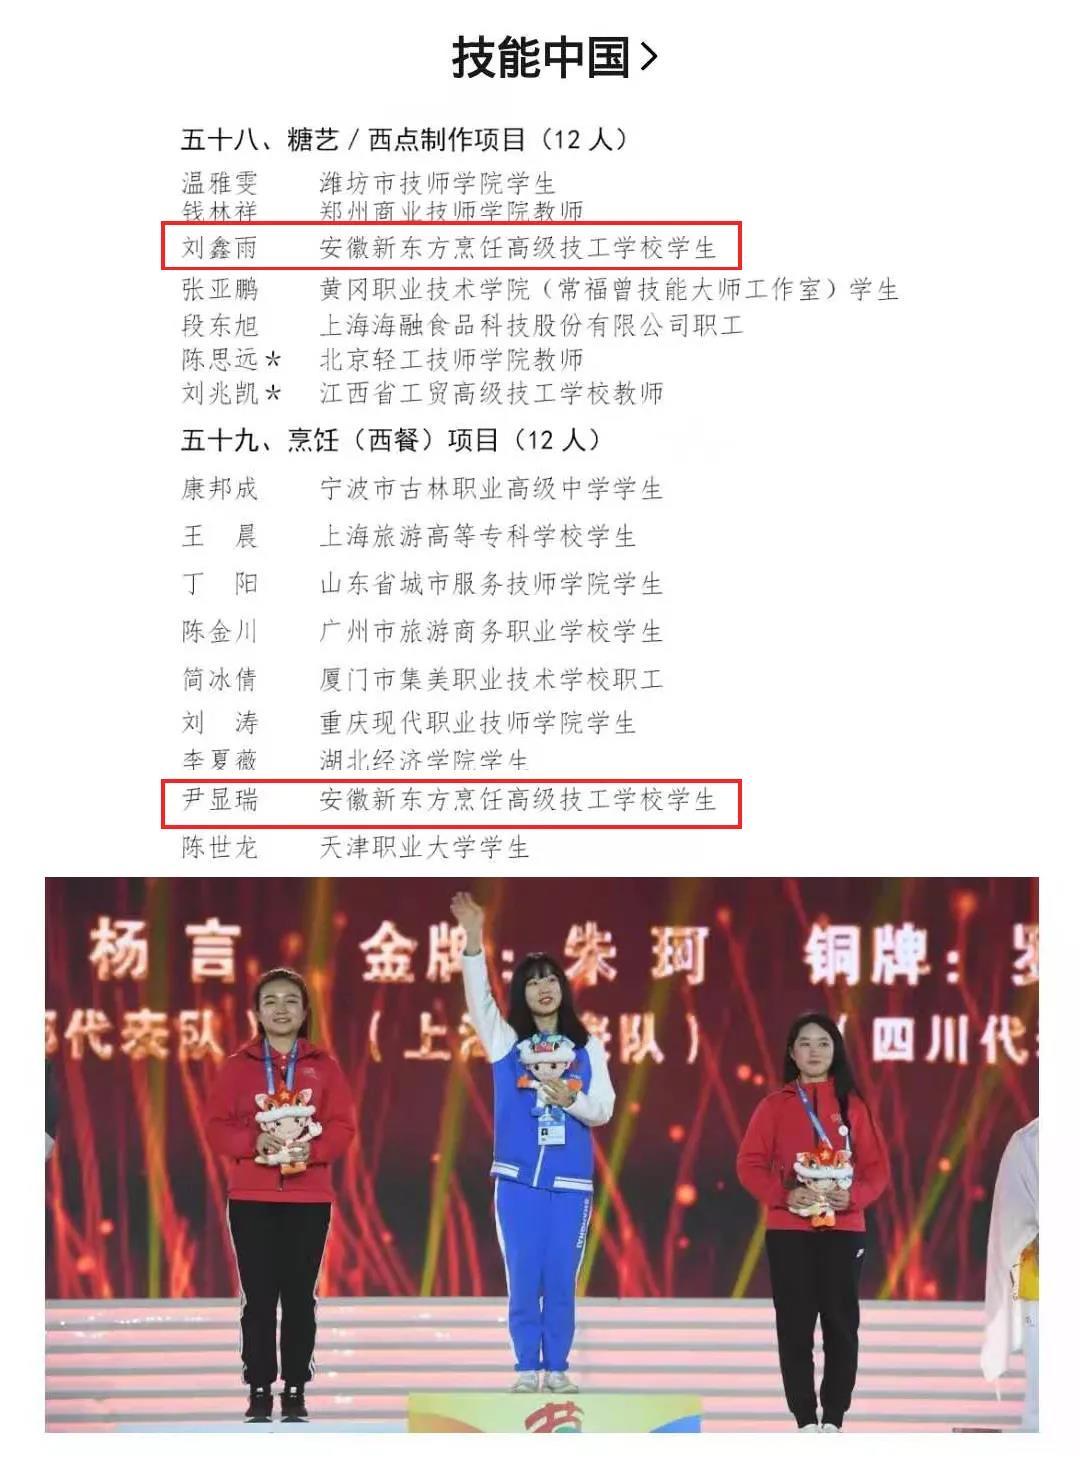 第46届世界技能大赛国家集训队名单公布,我校两名学生入选!